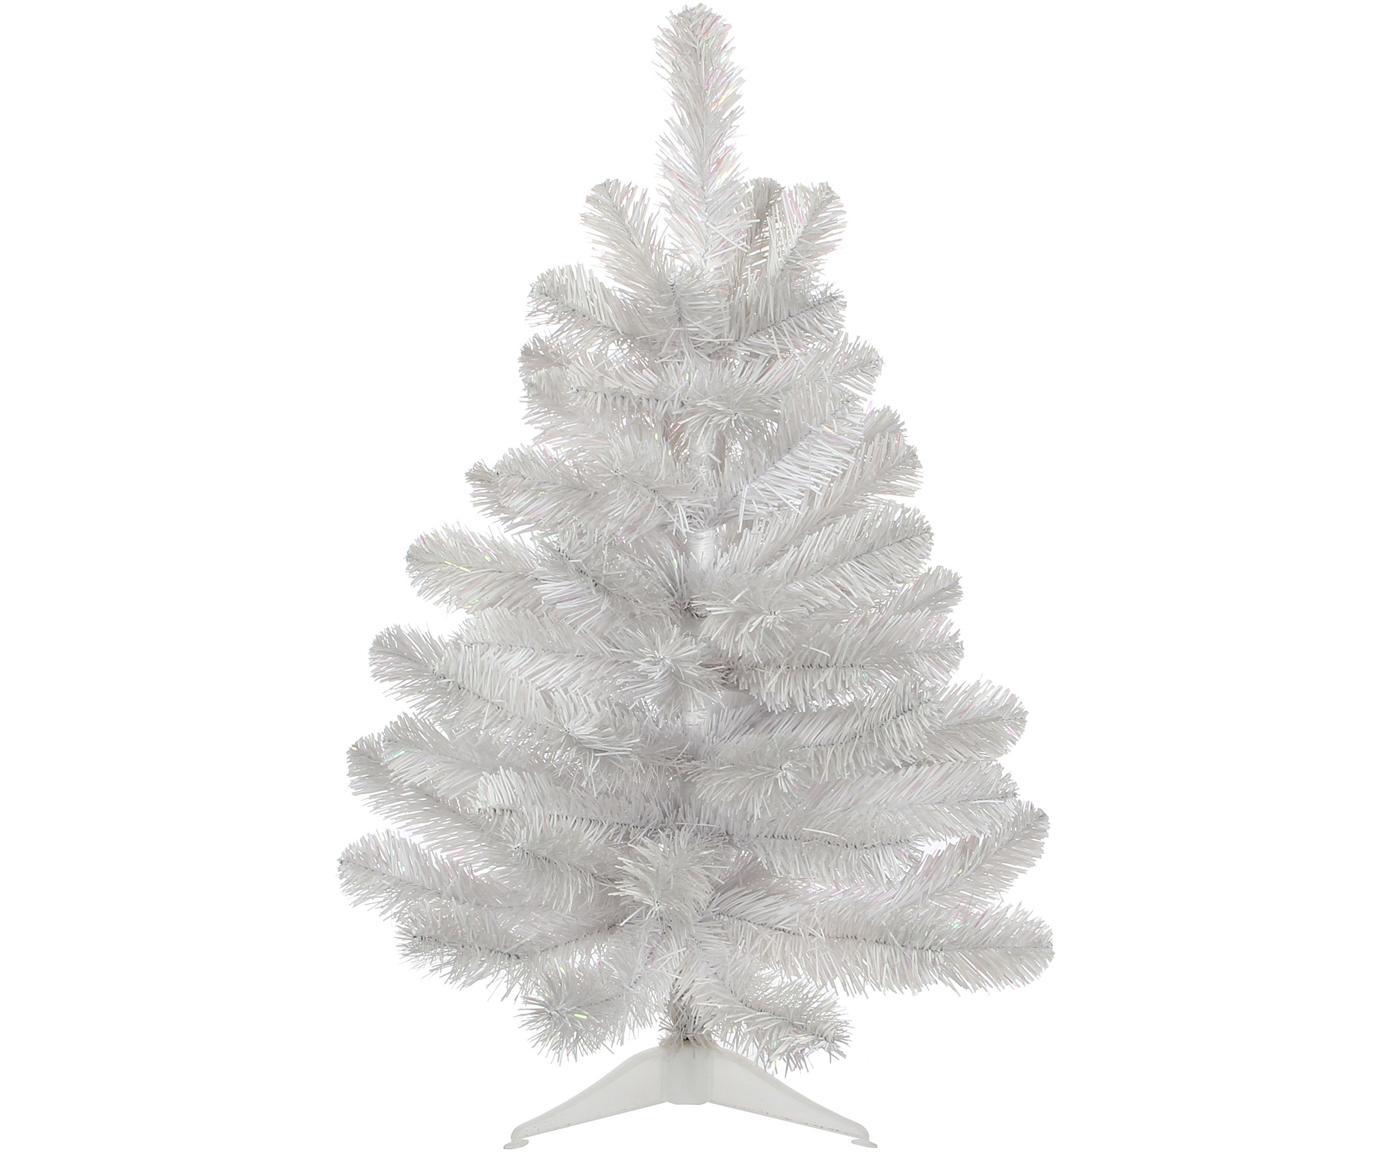 Albero di Natale artificiale islandese, Materiale sintetico (PVC), Bianco iridescente, Ø 46 x Alt. 60 cm